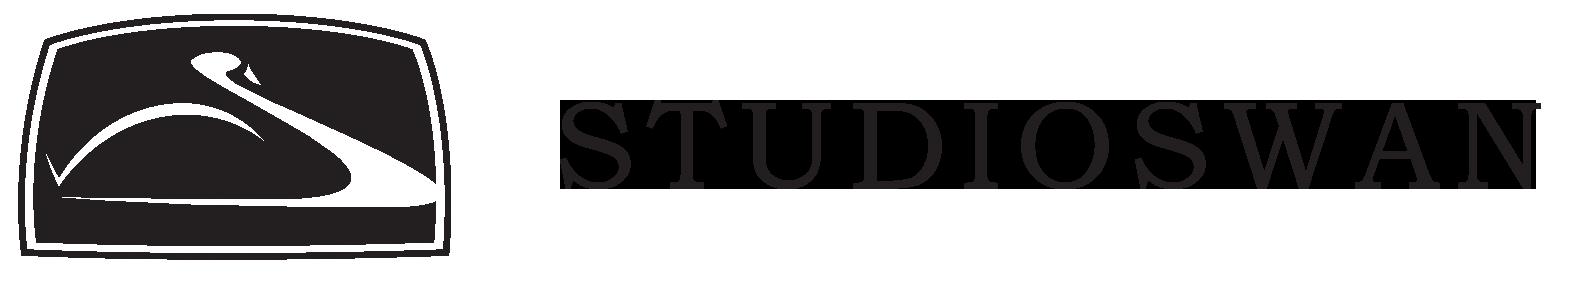 StudioSwan Llc